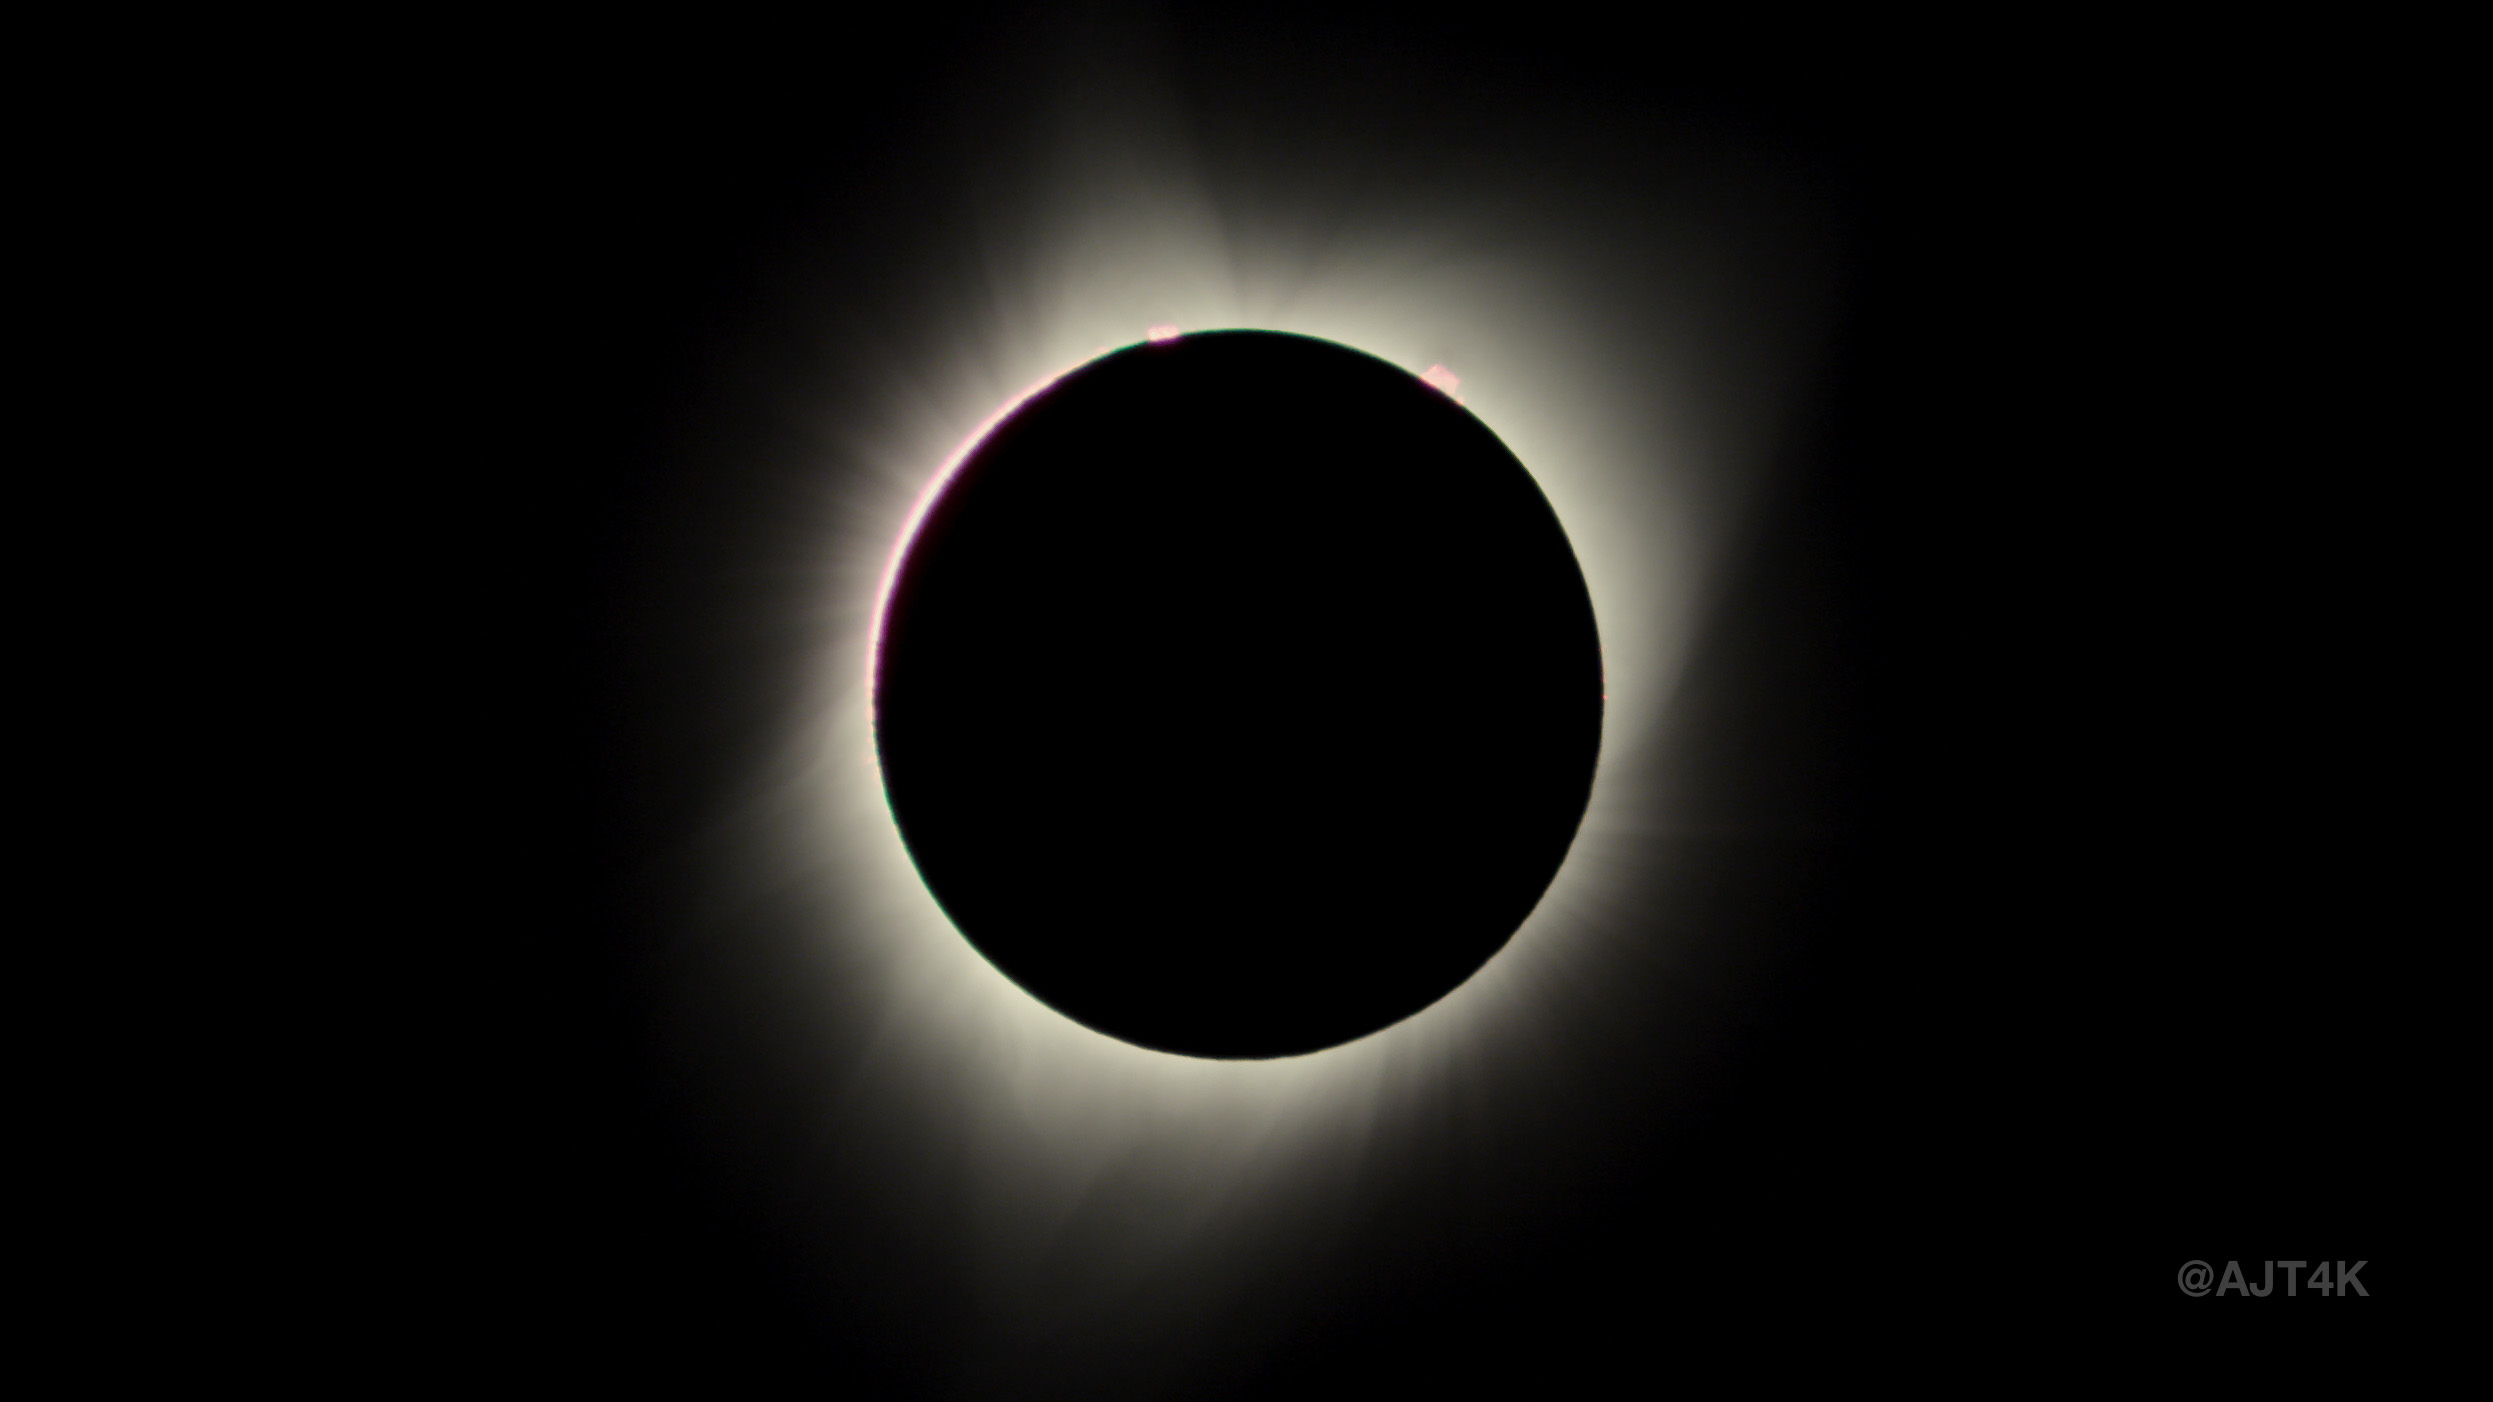 ajt4k_eclipse3